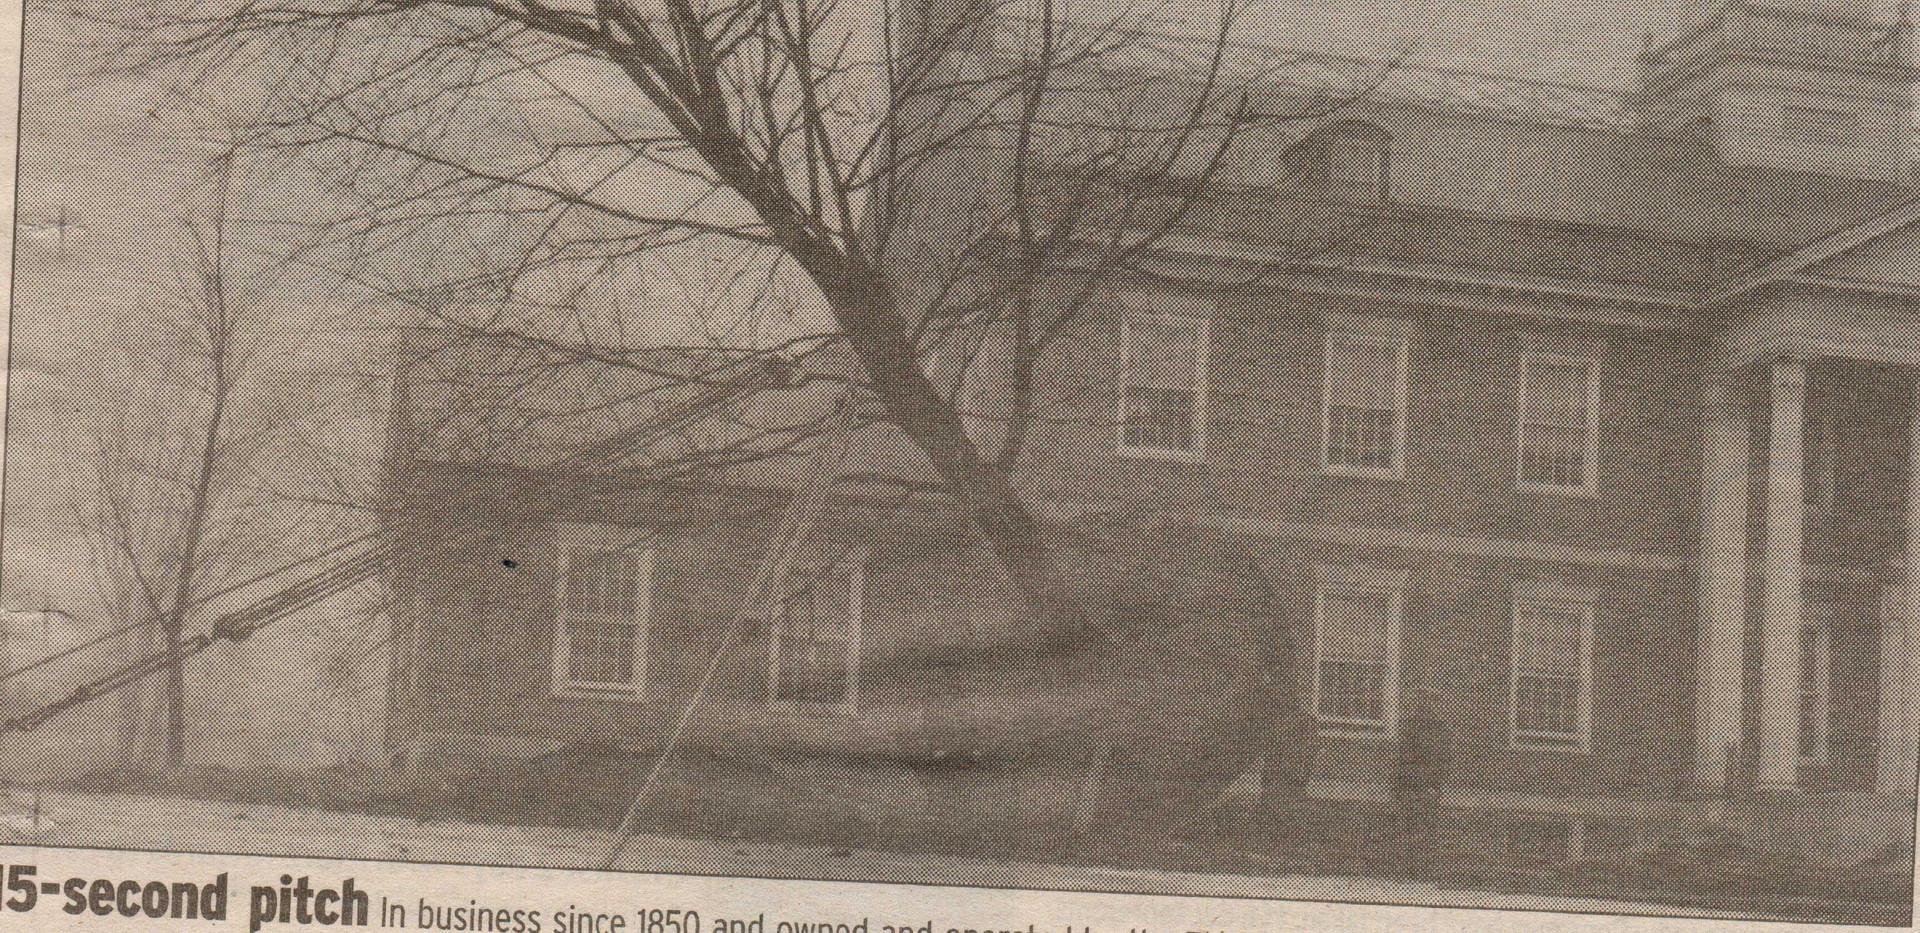 Memorial_Hall_Tree_1940.jpg